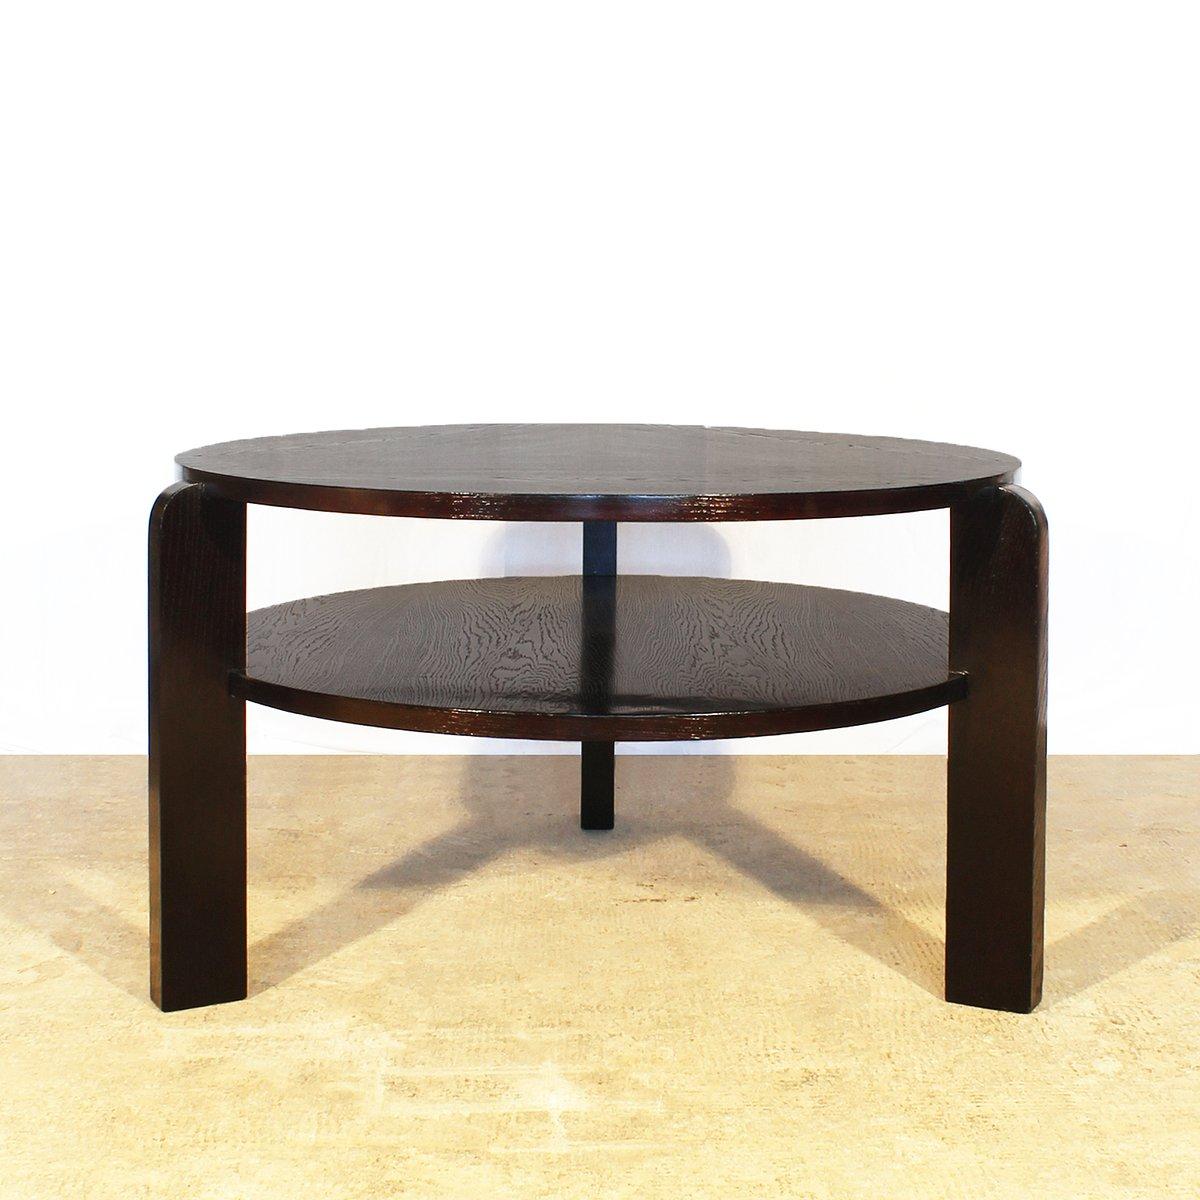 table basse art d co espagne 1930s en vente sur pamono. Black Bedroom Furniture Sets. Home Design Ideas